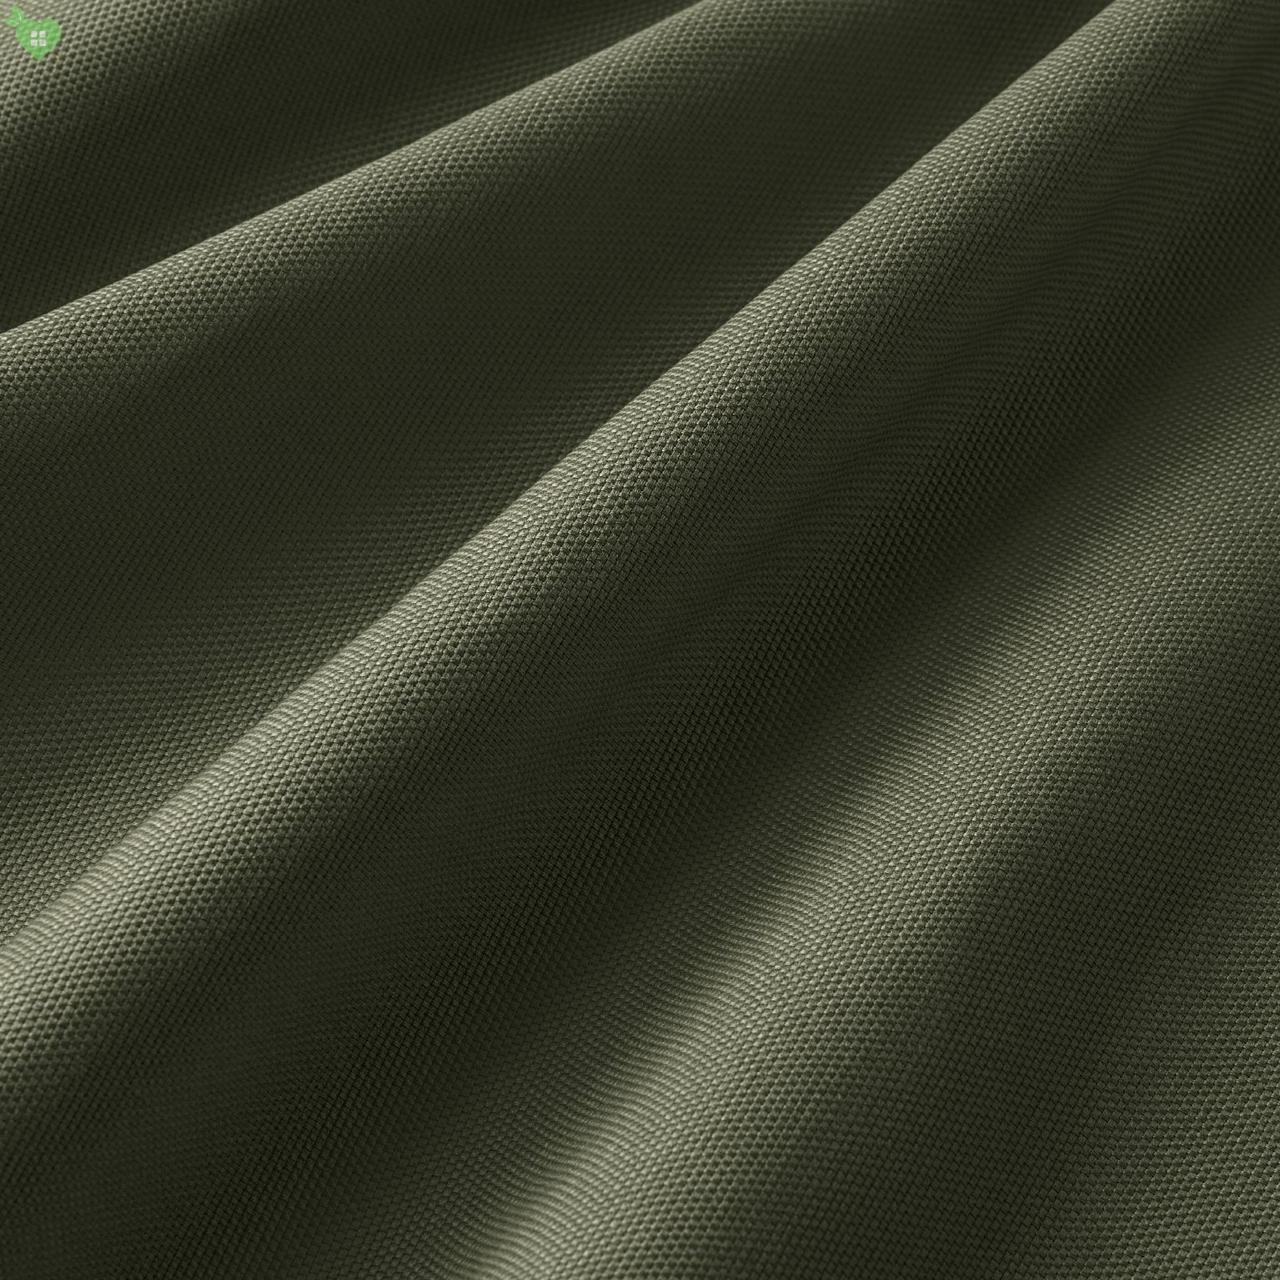 Уличная ткань фактурная серого цвета с тефлоновой пропиткой 84273v8